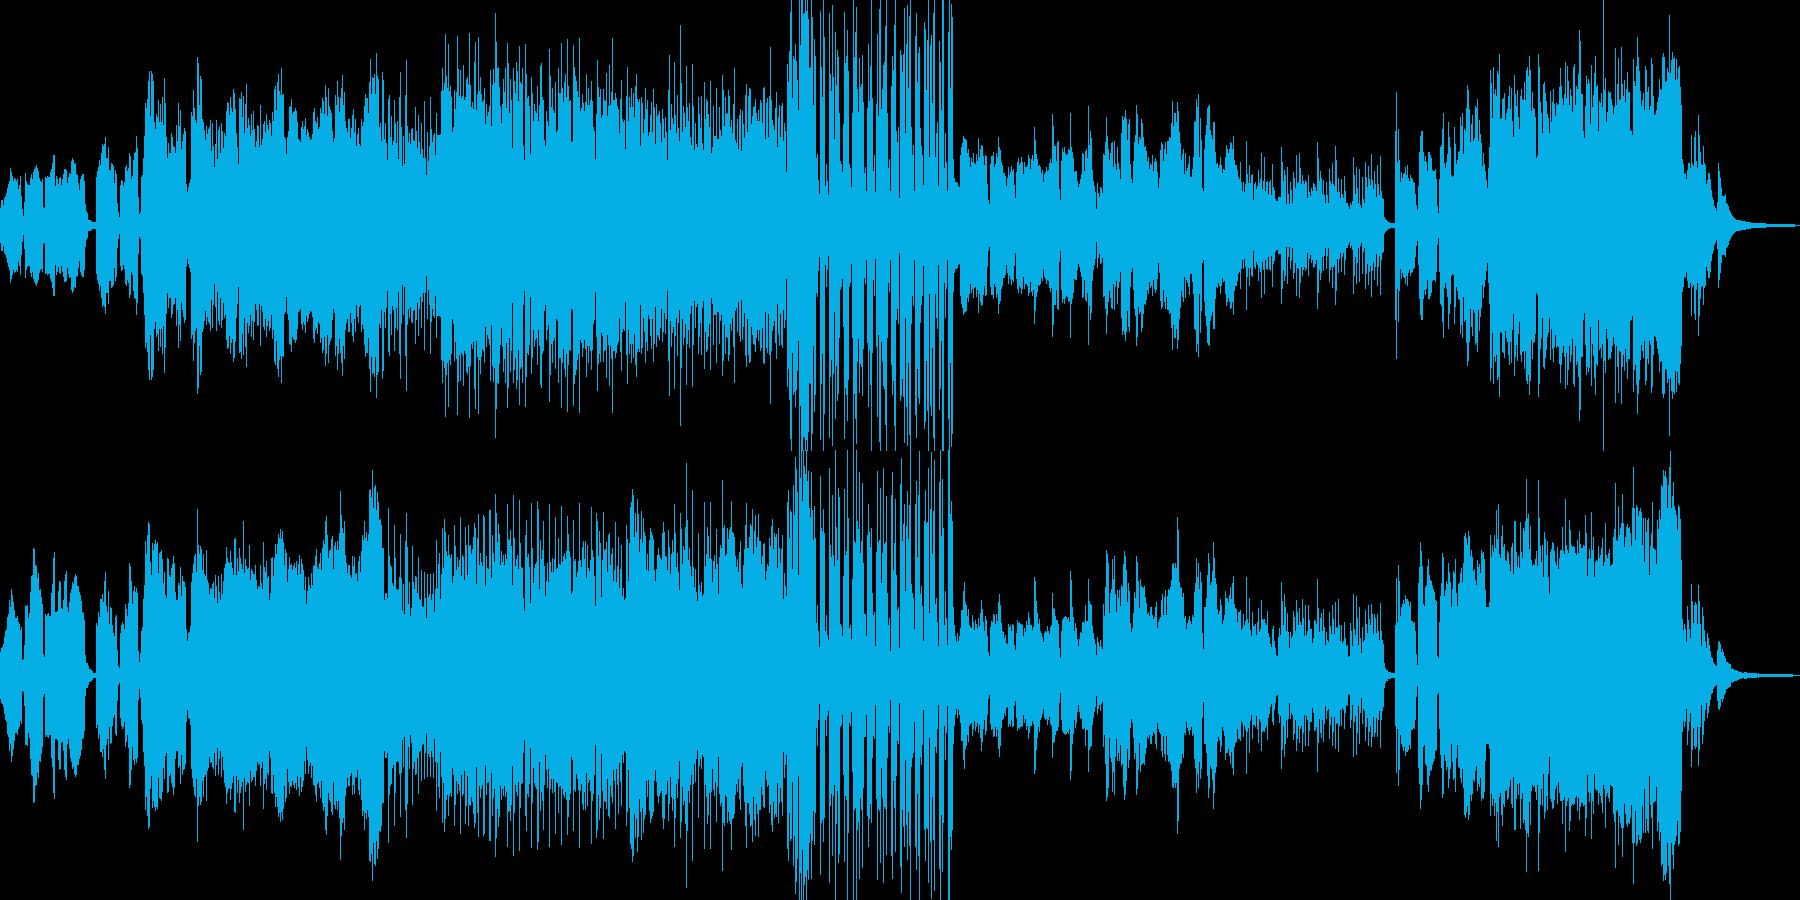 枯れ葉が舞い散るイメージ Aの再生済みの波形